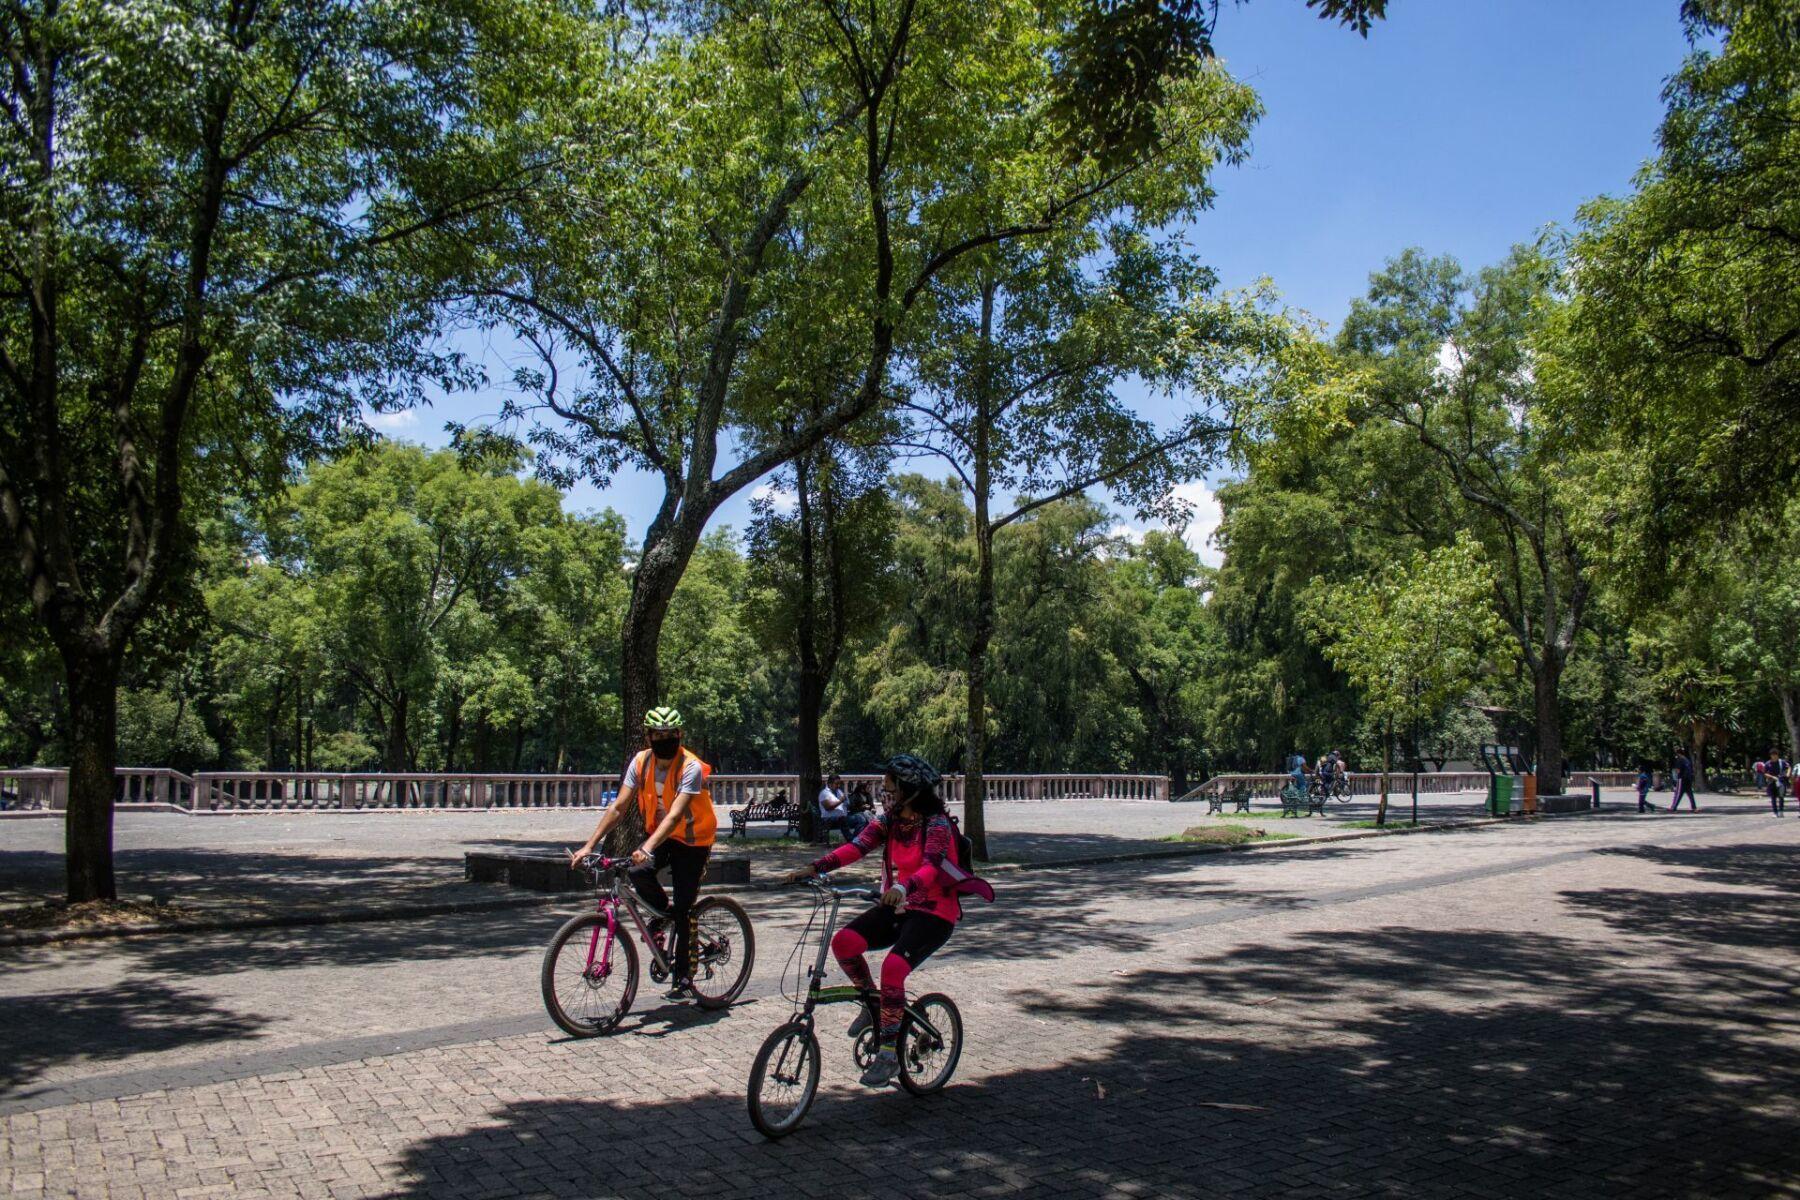 Familias se dan cita a la primera sección del Bosque de Chapultepec para tomar un paseo, aunque su funcionamiento no esta al ciento por ciento, ya se puede observar los típicos negocios de antojitos dando servicio.